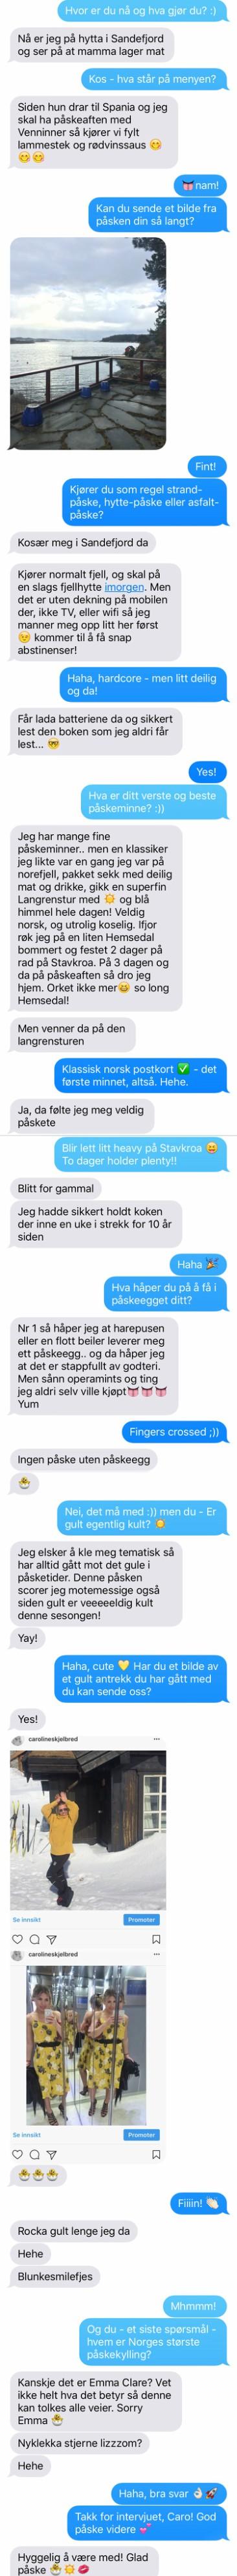 Bilde av sms-ene fra intervjuet med Caroline Skjelbred